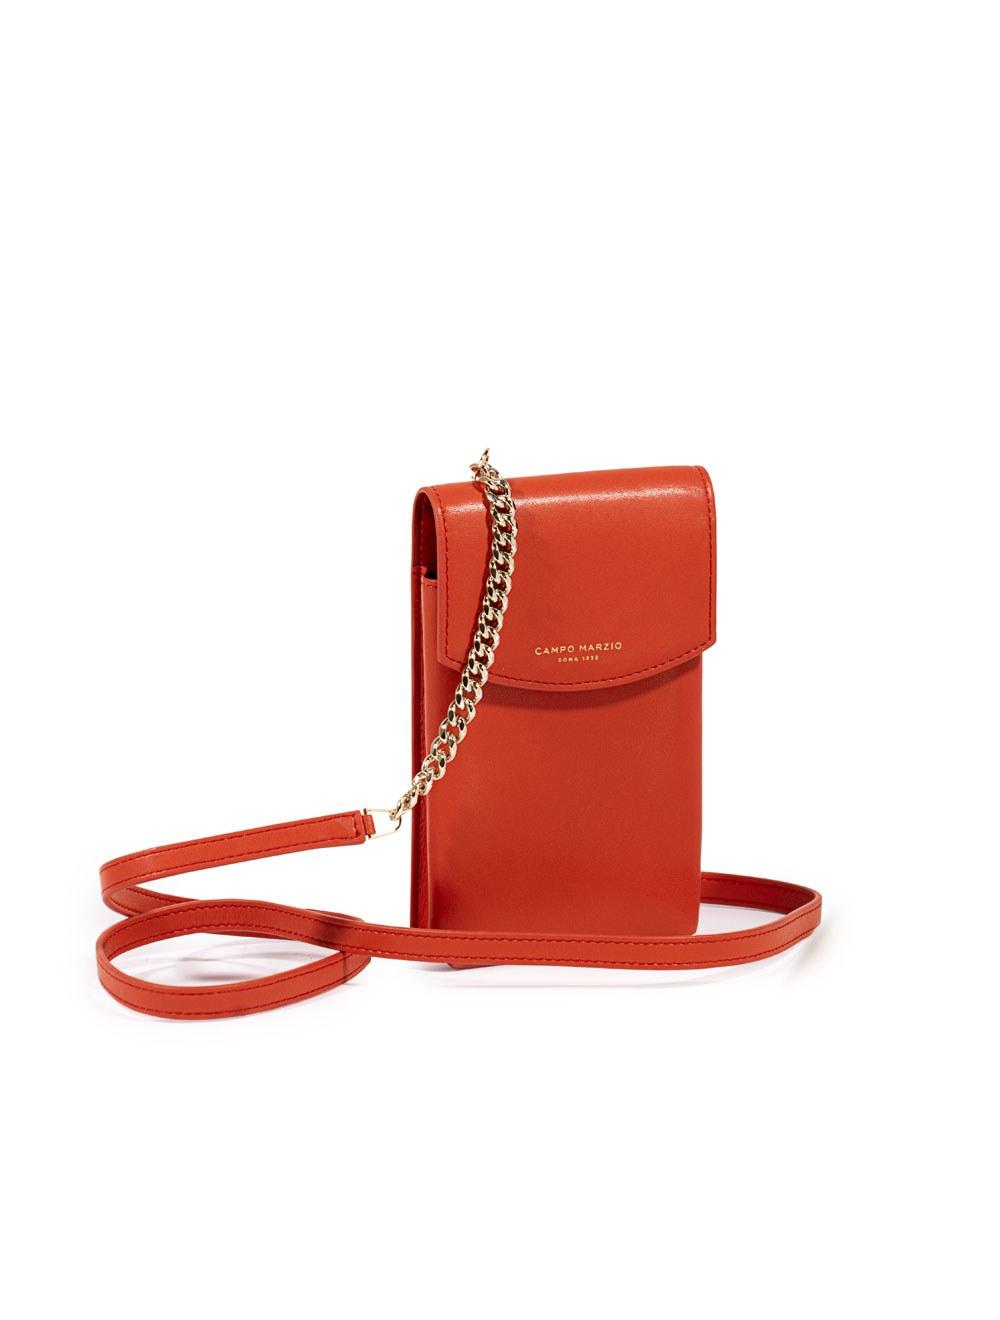 Phone Bag Mini - Tangerine Tango